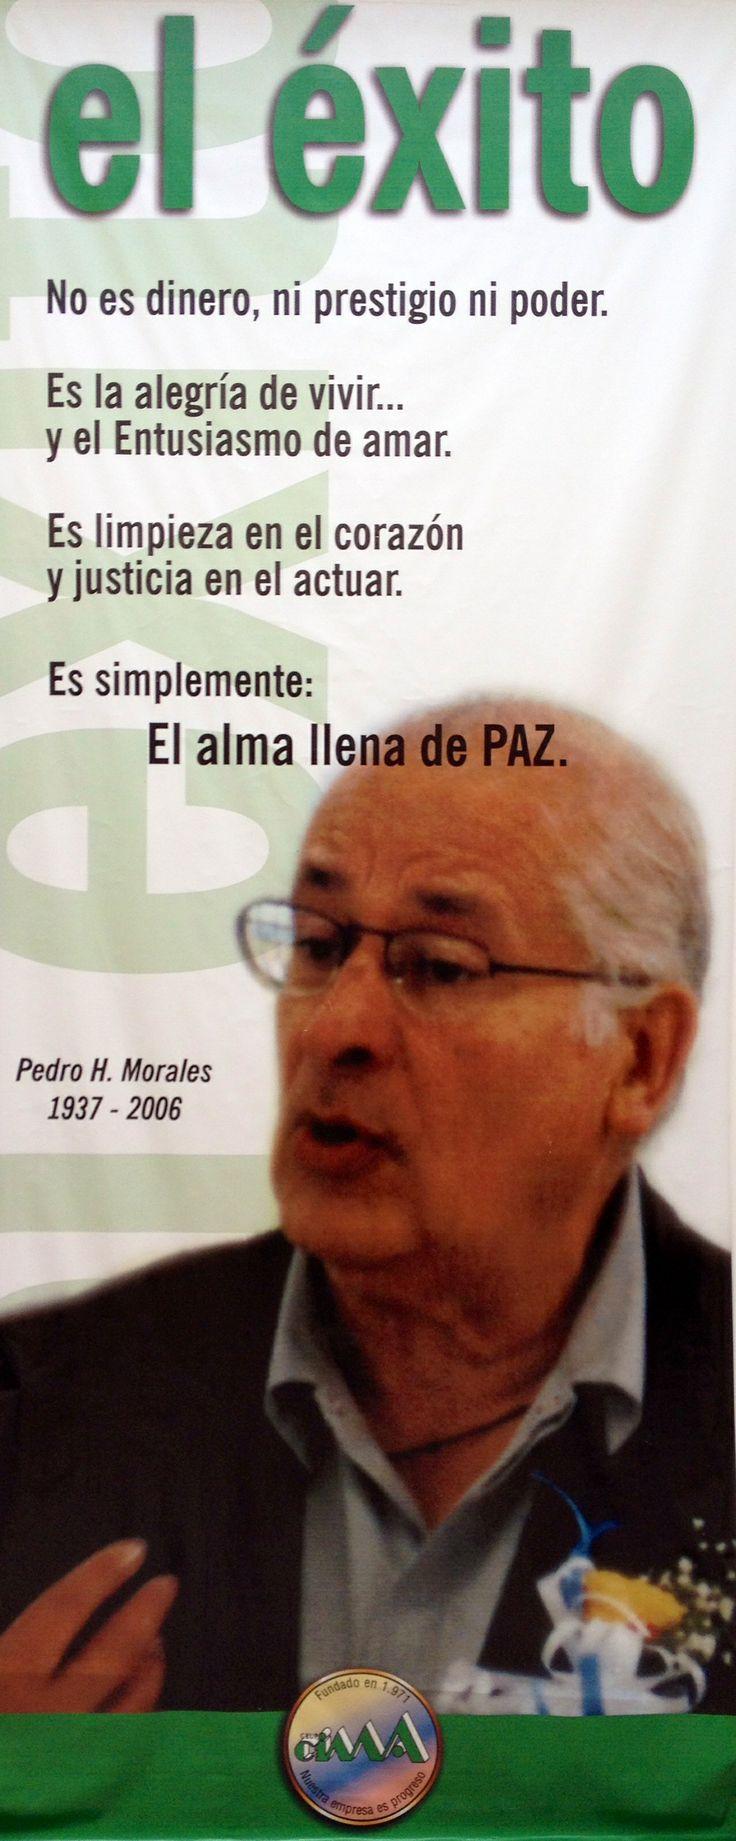 La esencia de nuestro fundador el Maestro Pedro H. Morales G. reflejada en su pensamiento